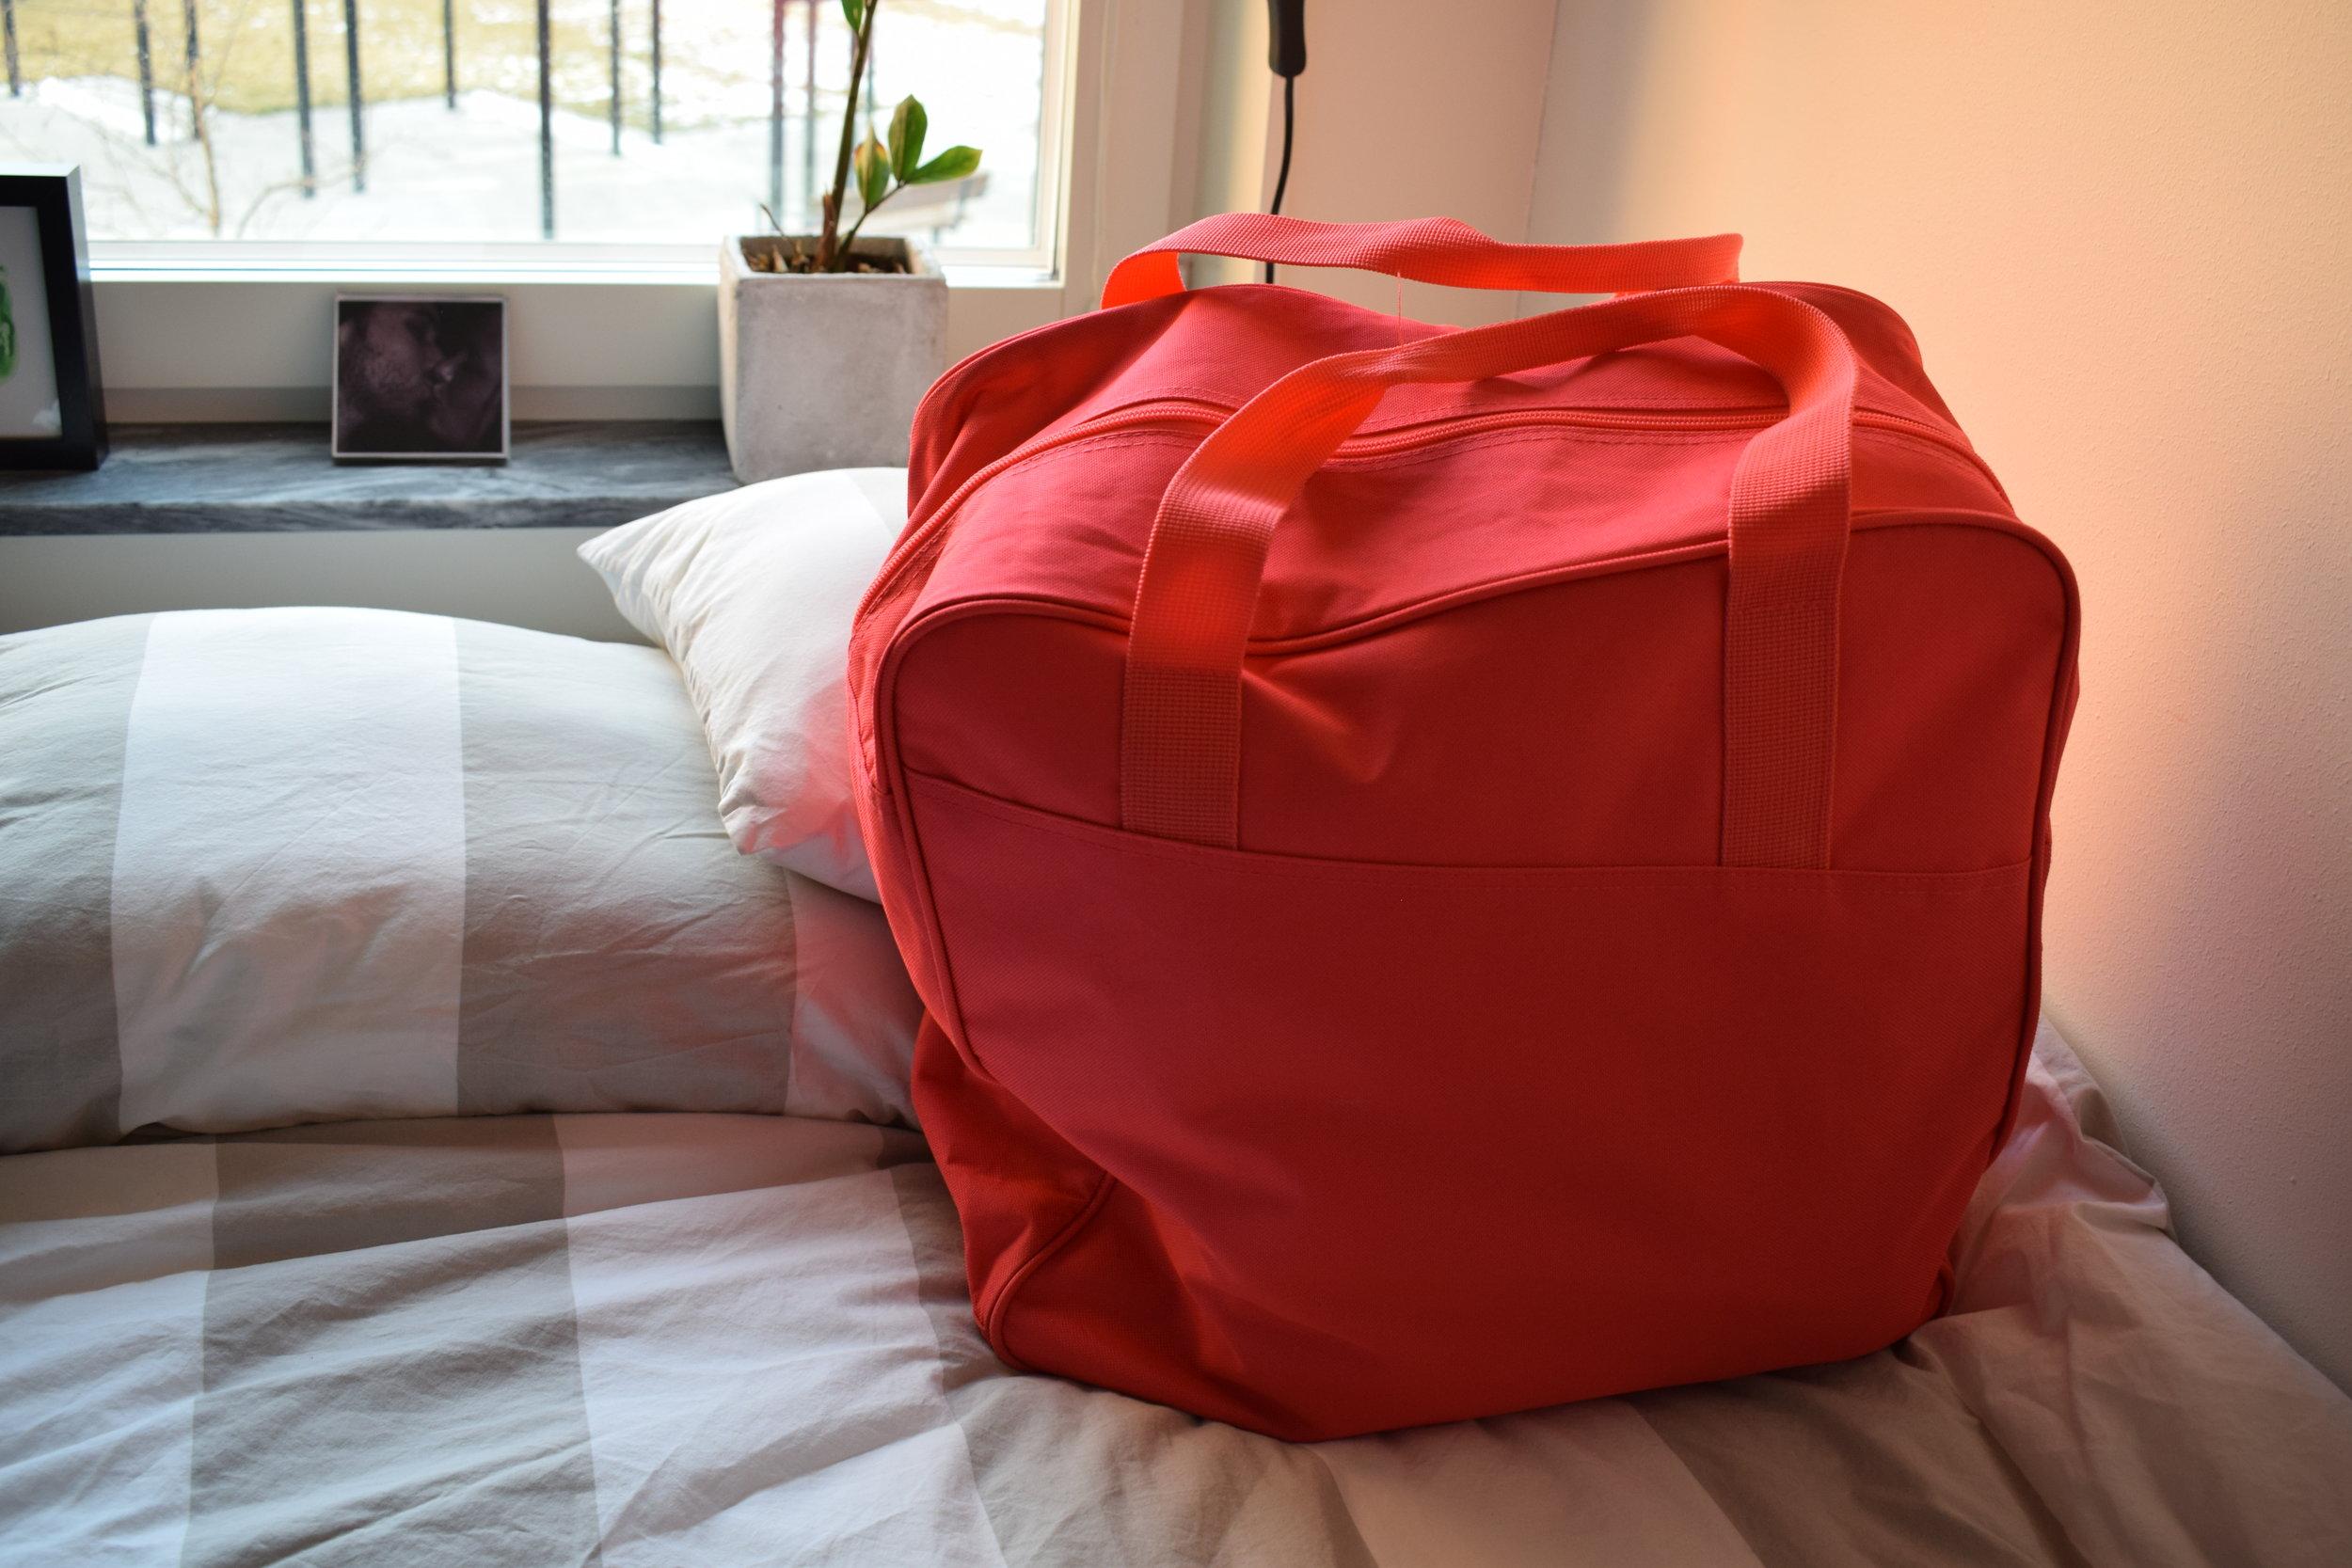 Packad och klar!